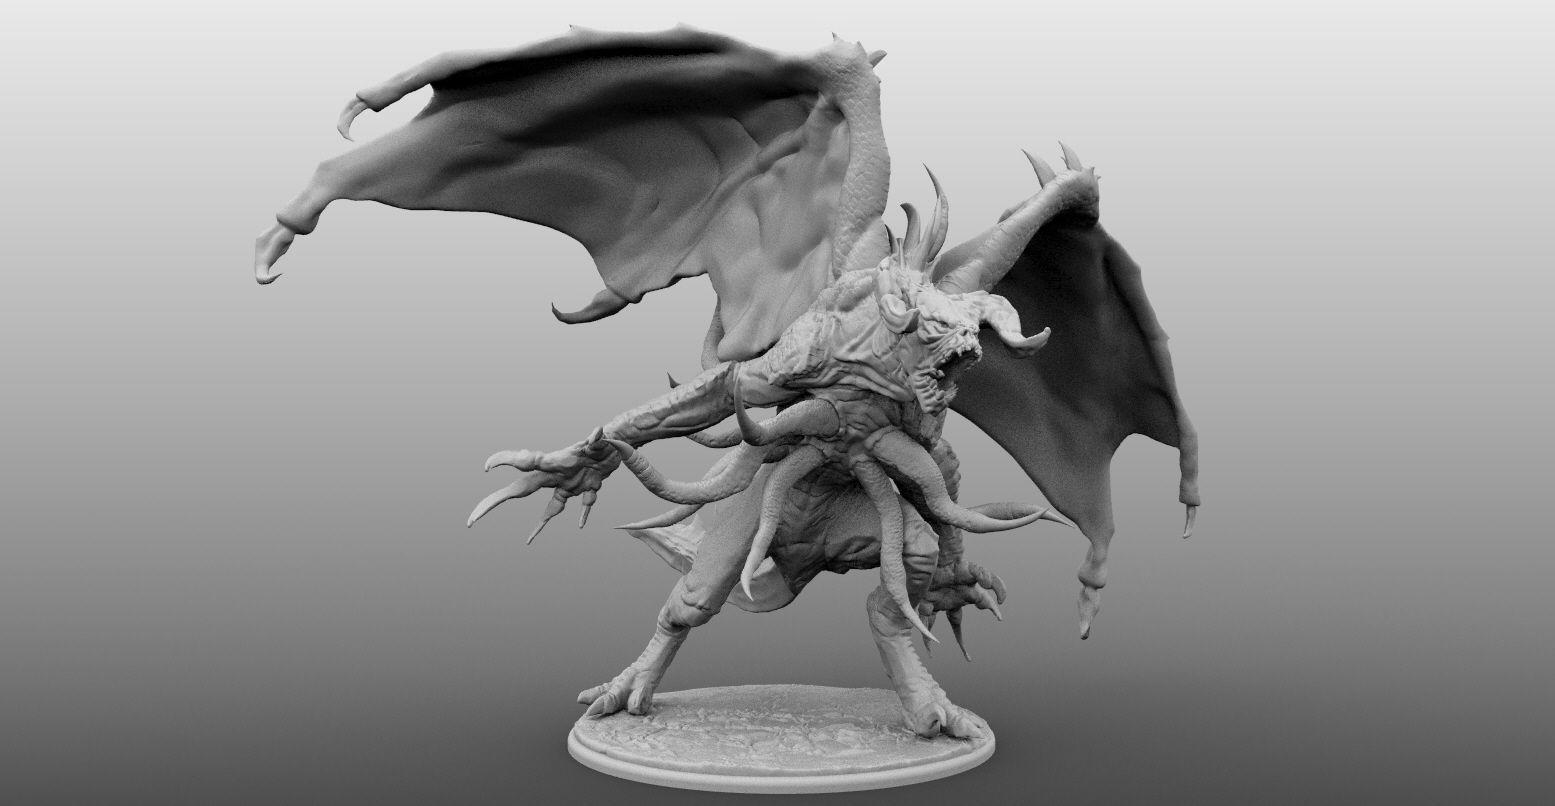 Eldritch Abomination